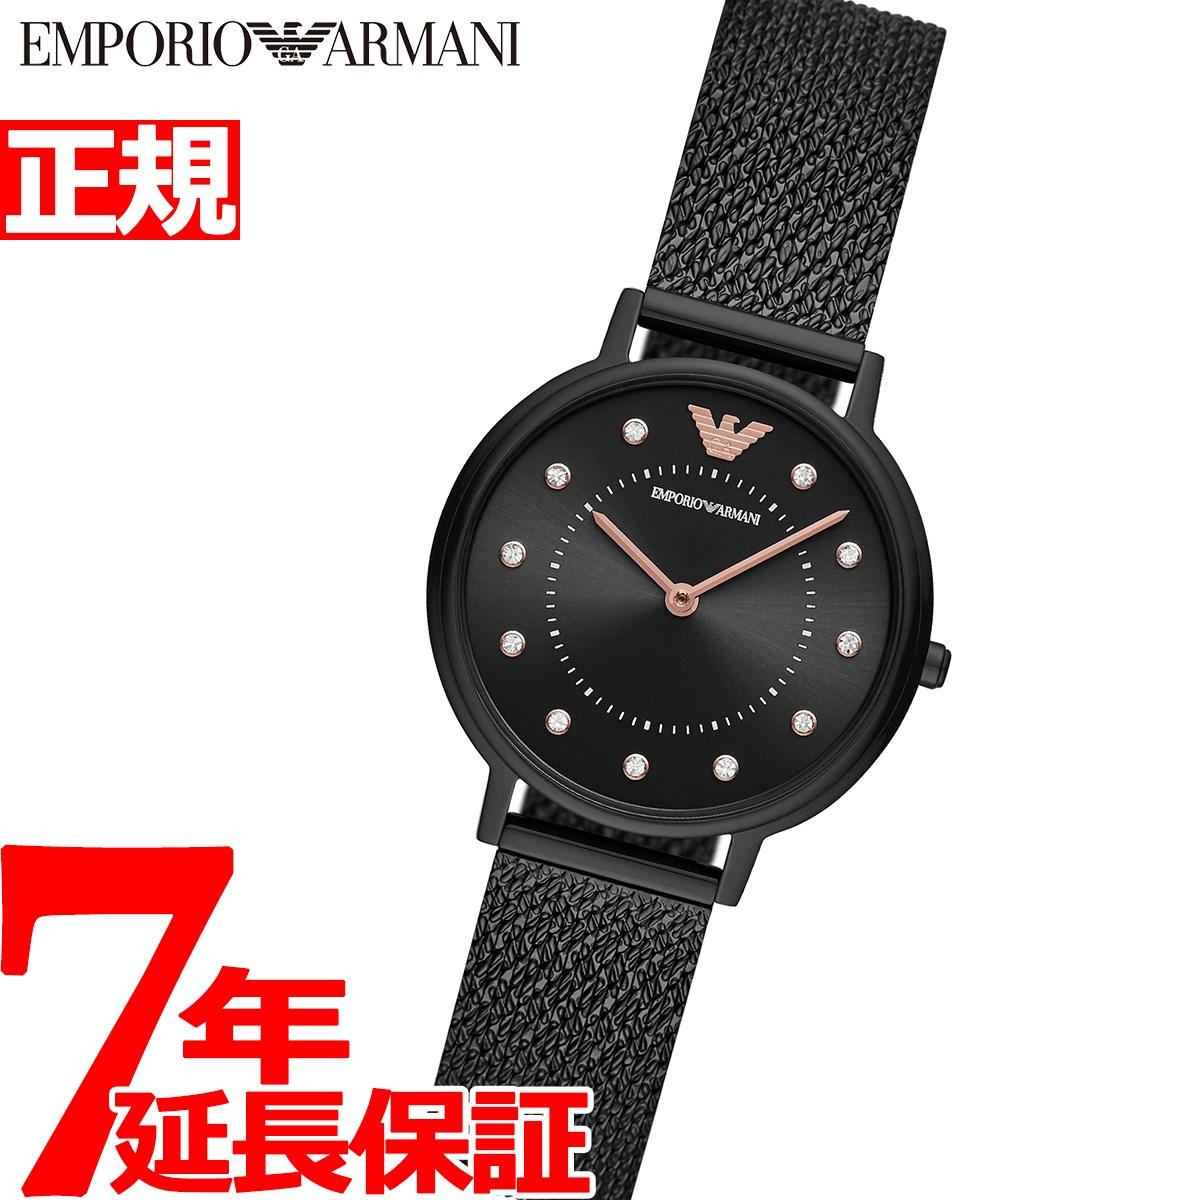 【5日0時~♪10%OFFクーポン&店内ポイント最大51倍!5日23時59分まで】エンポリオアルマーニ EMPORIO ARMANI 腕時計 レディース AR11252